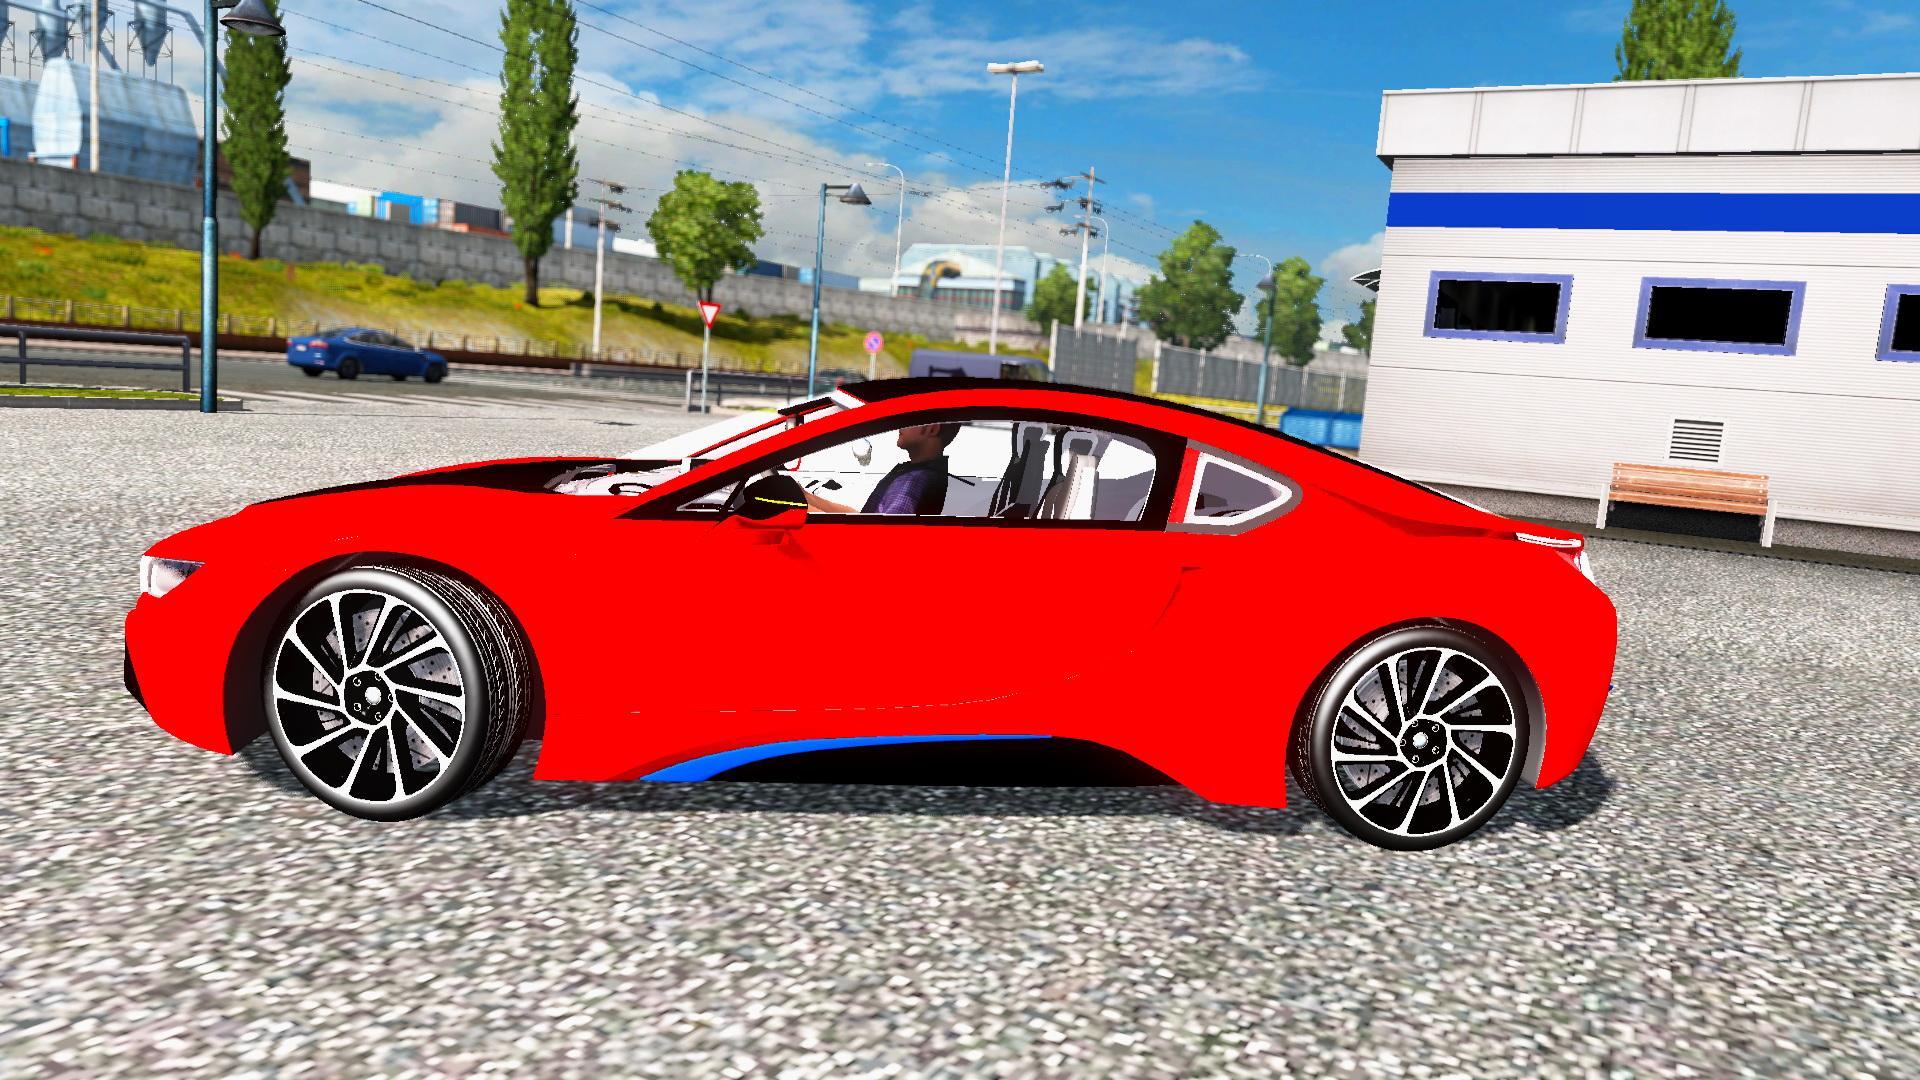 Seat Skins For Trucks >> BMW I8 + INTERIOR V3.0 (1.28.X) CAR MOD - ETS2 Mod